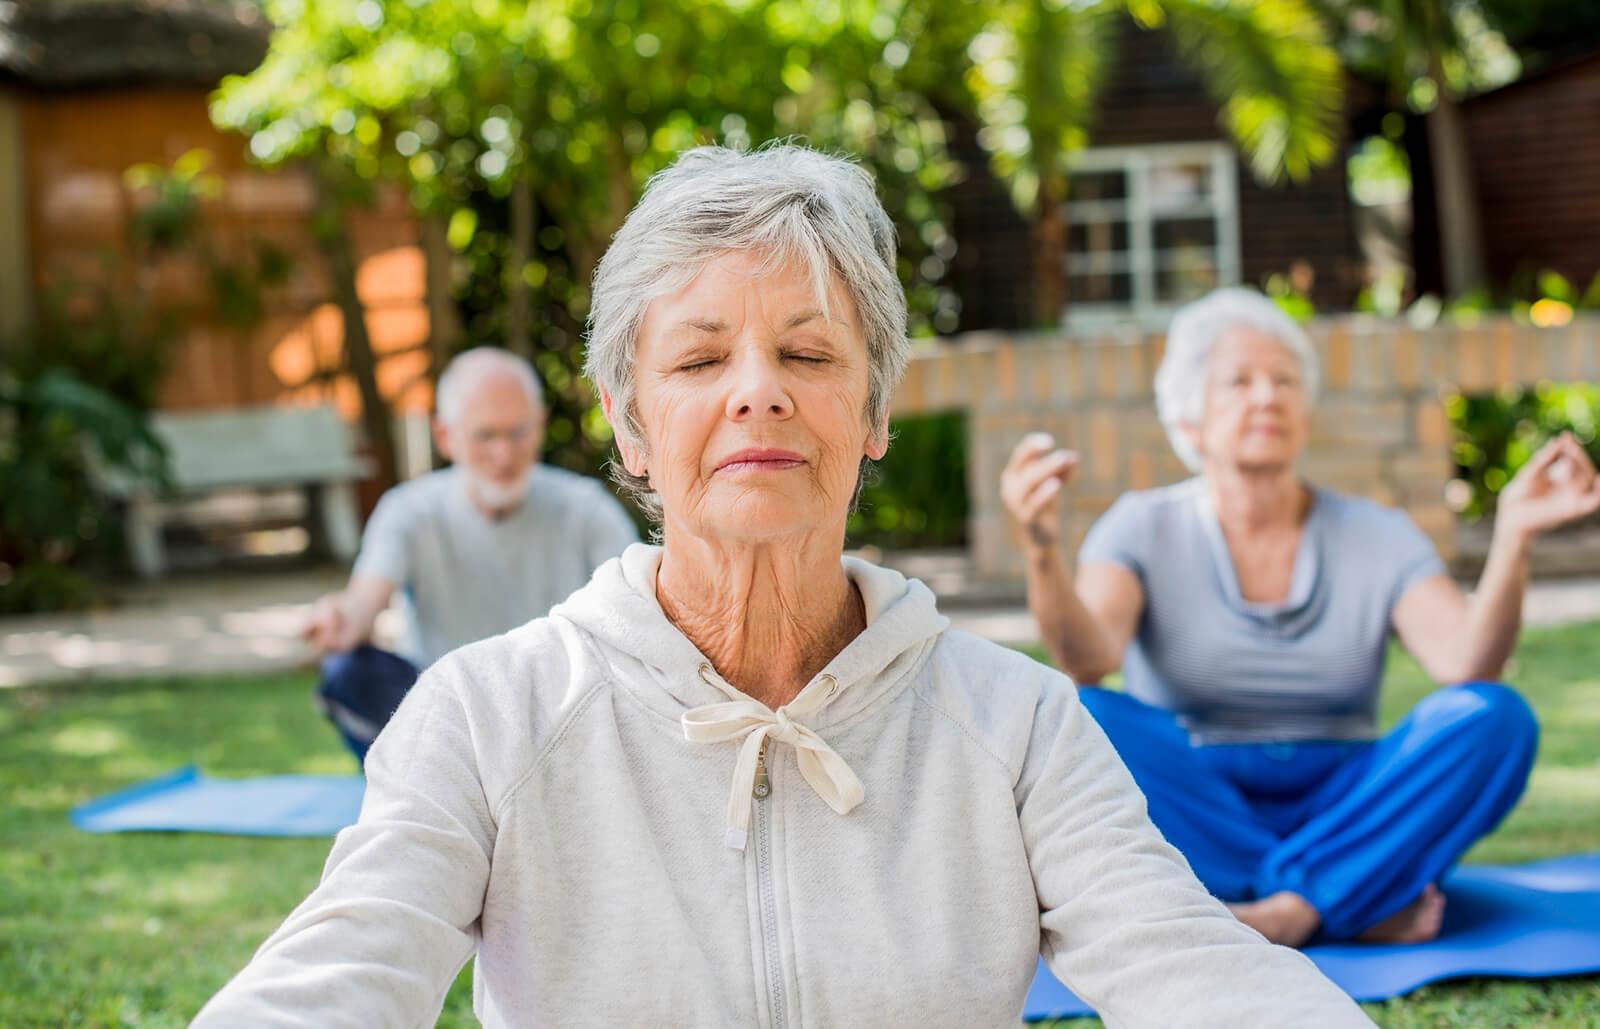 Five Ways to Keep Older People Happy